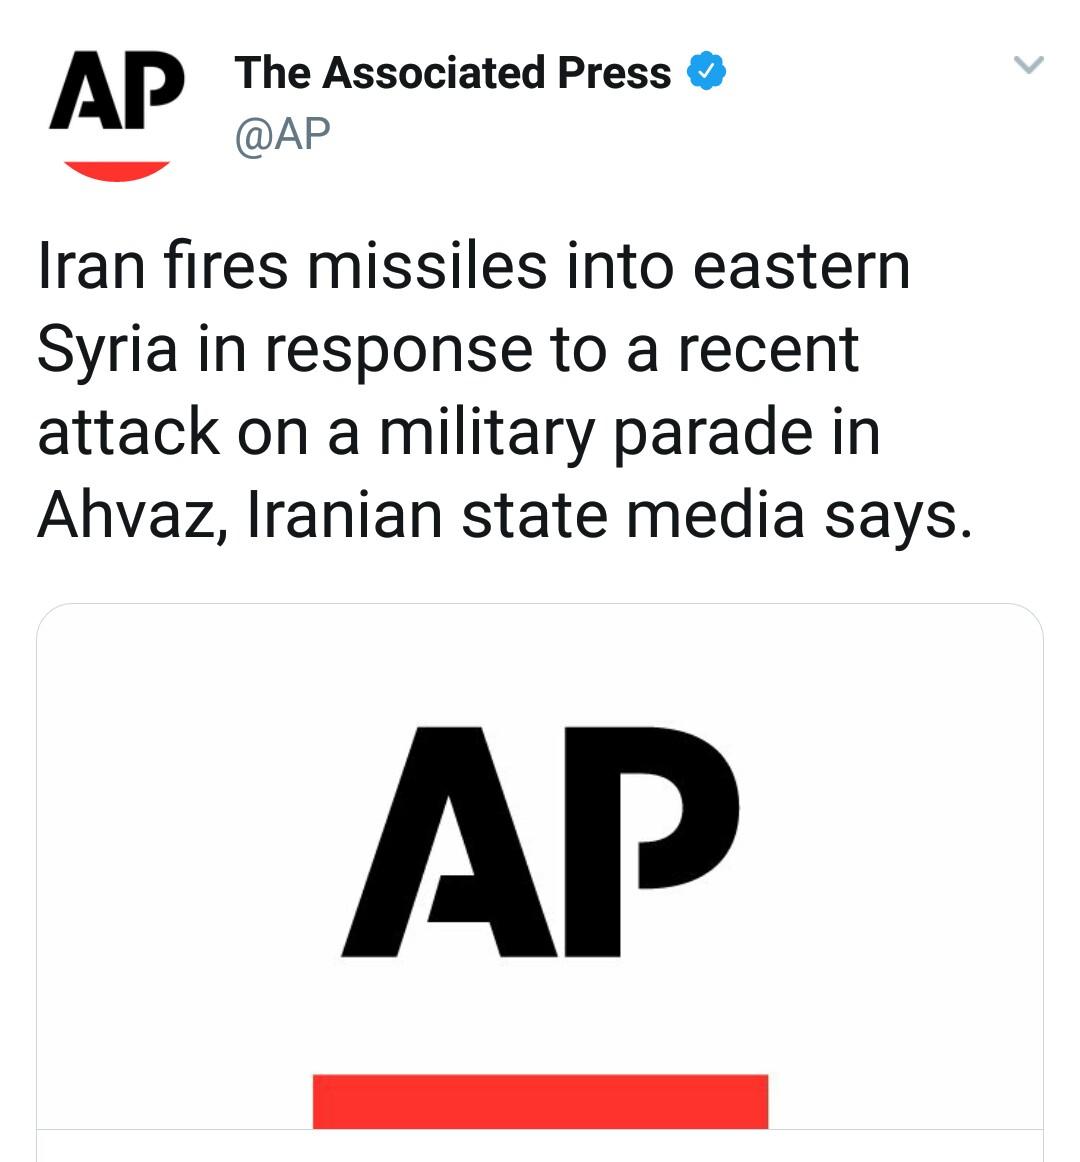 بازتاب حمله موشکی سپاه به مواضع طراحان حمله تروریستی اهواز در رسانههای خارجی - 33